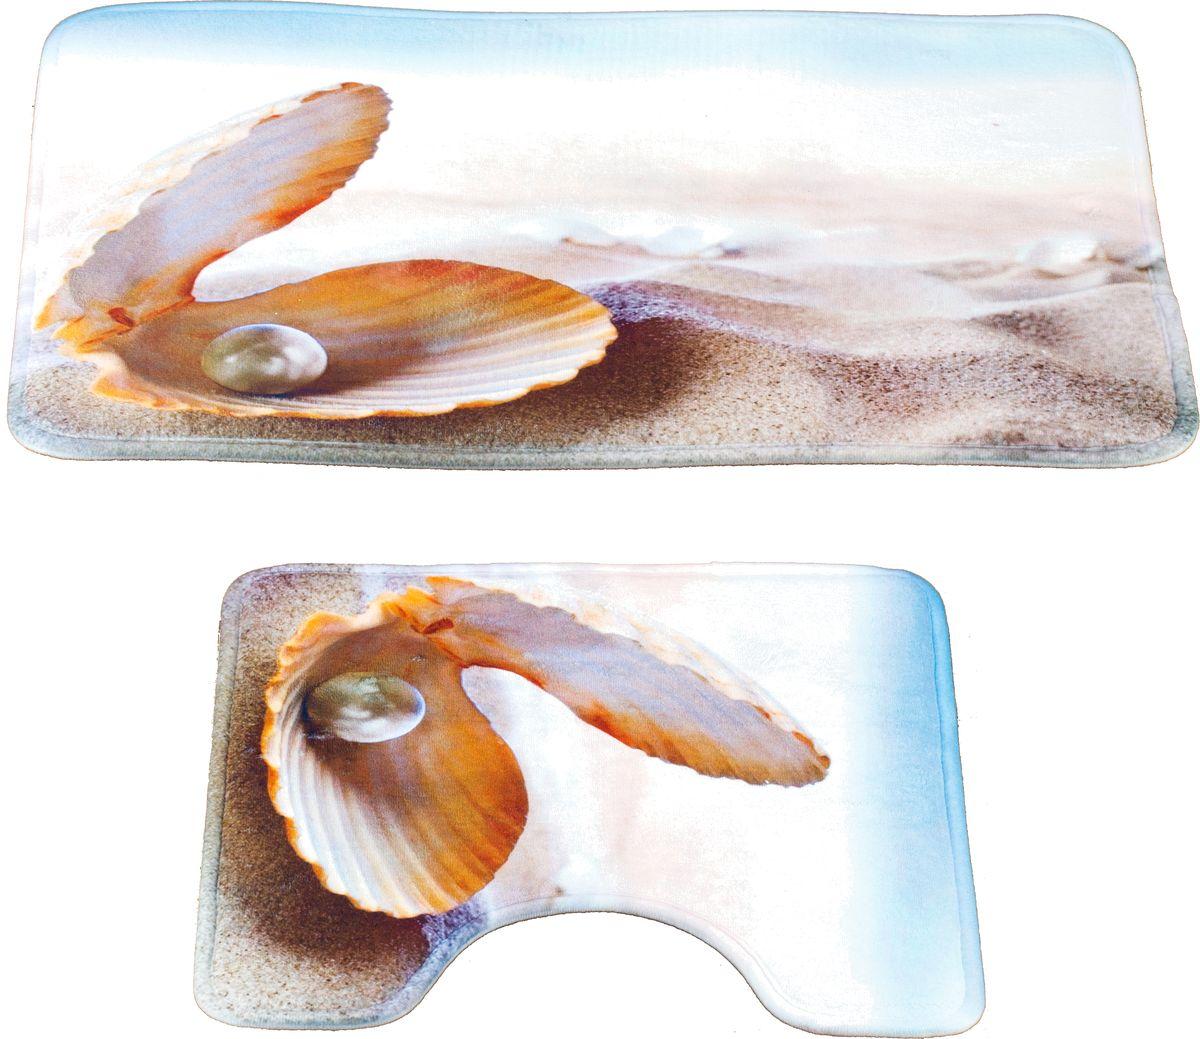 Набор ковриков для ванной Swensa Жемчужина, цвет: светло-бежевый, 40 х 60 см, 40 х 40 см, 2 шт6.295-875.0Набор ковриков для ванной Swensa Жемчужина способен наполнить ванную комнату атмосферой уюта и домашнего тепла. Микрофибра, из которой изготовлено изделие, отличается непревзойденной мягкостью, особой прочностью, гигроскопичностью. Такое сочетание качеств особенно ценно для текстиля, который планируется использовать в условиях повышенной влажности. Латексная основа предотвращает скольжение коврика на гладкой плитке.